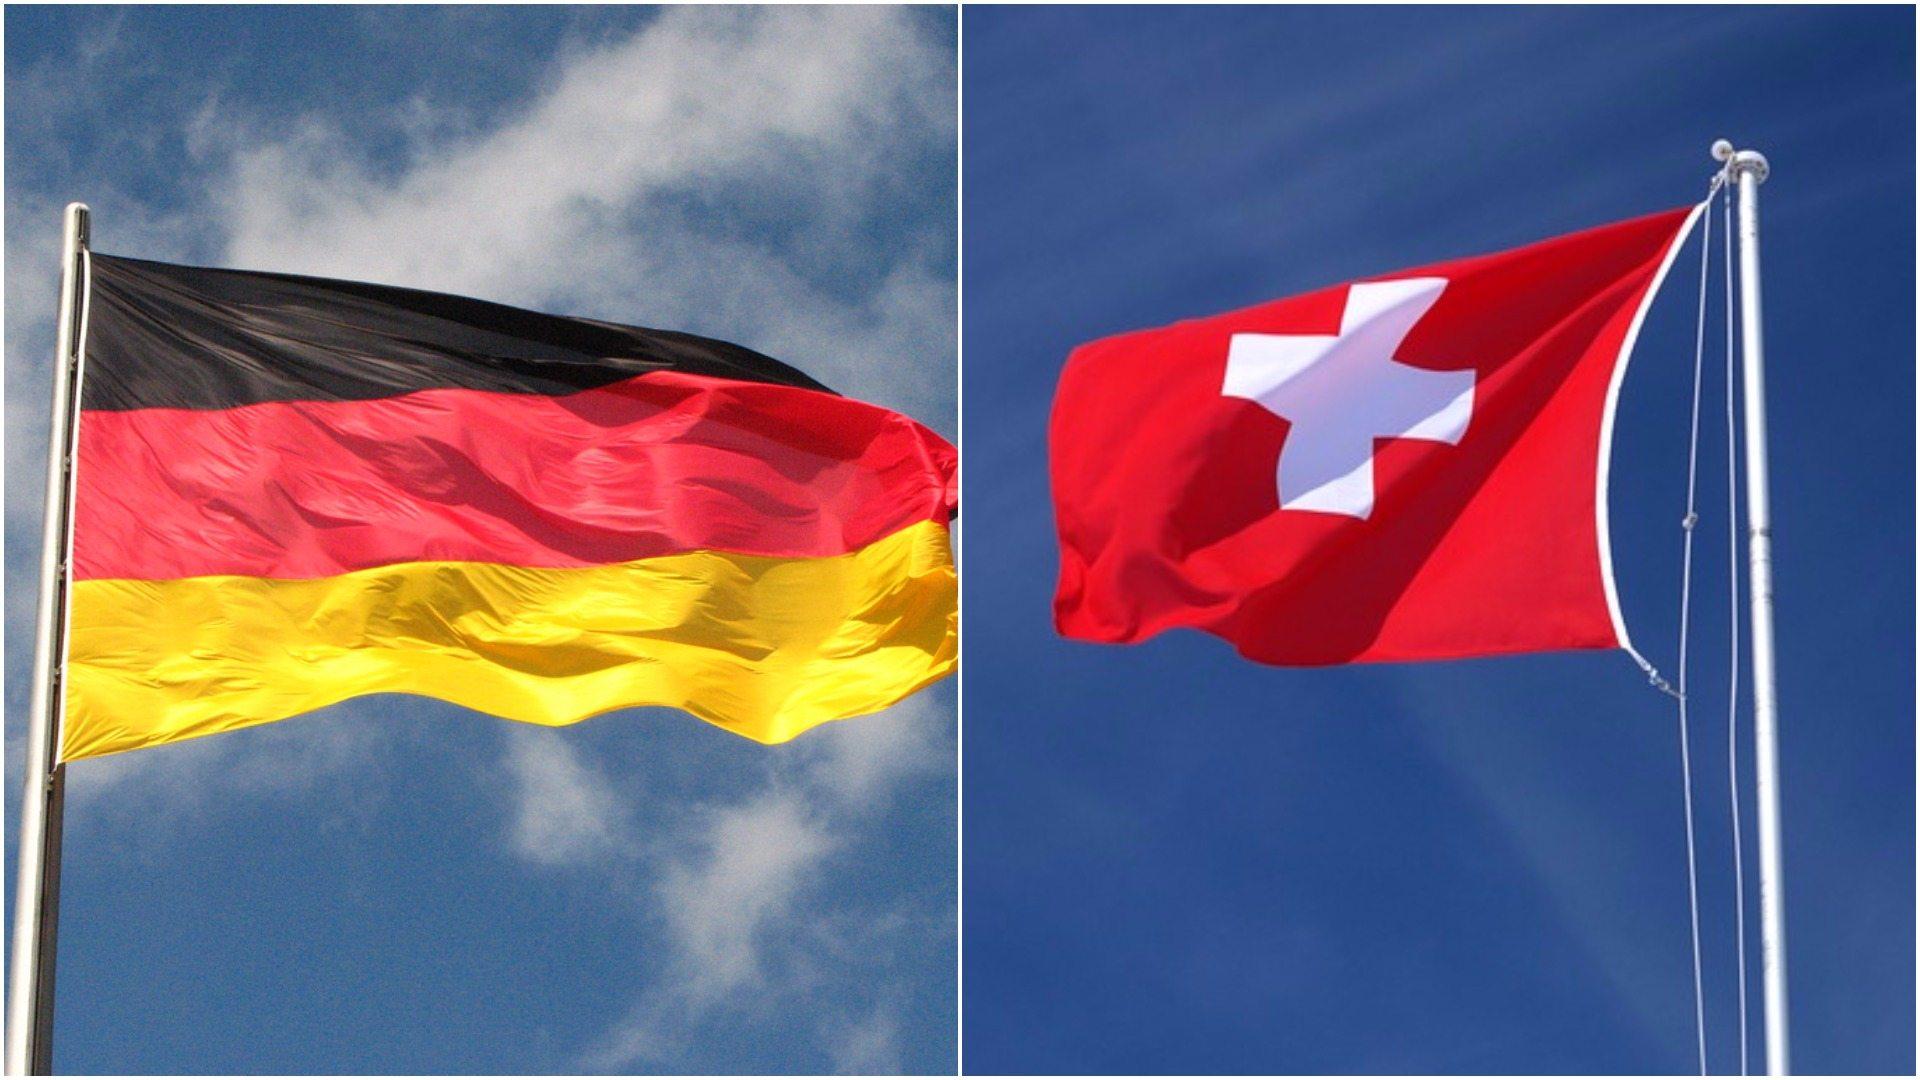 Gorąco na linii Niemcy-Szwajcaria. Tak źle nie było od dekad